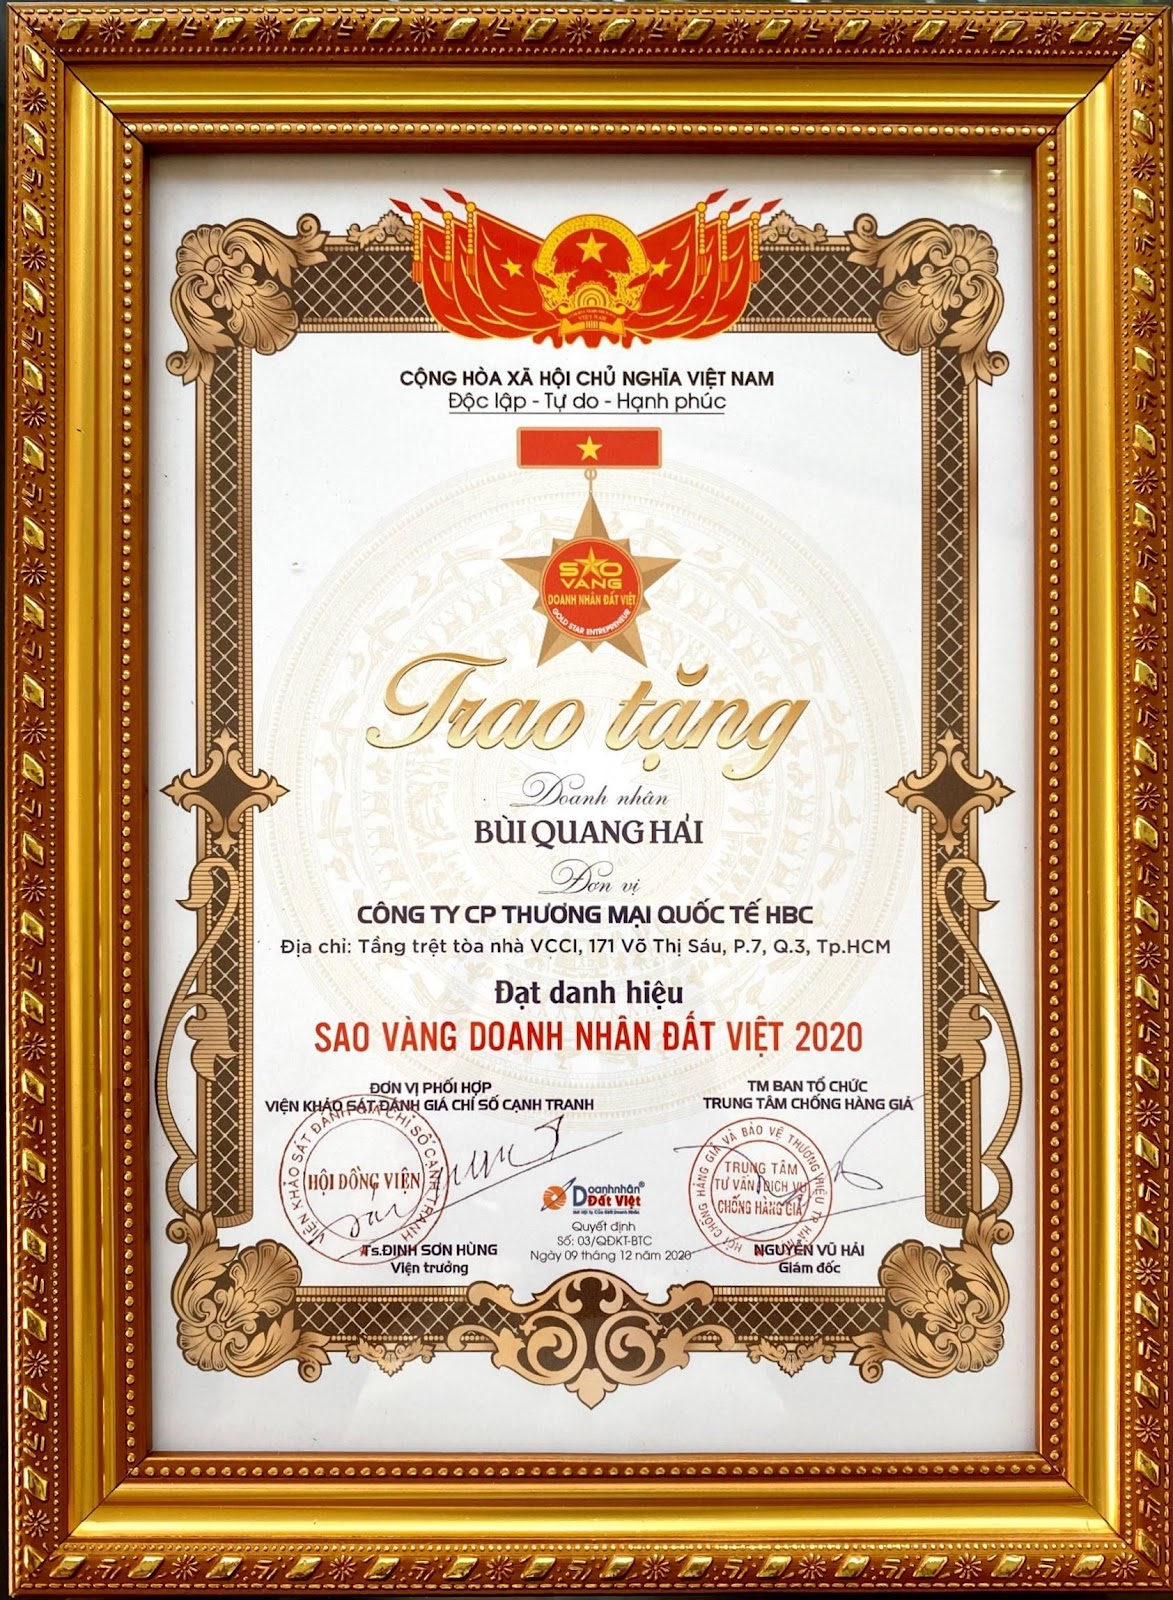 """Doanh nhân Bùi Quang Hải công ty CP TMQT HBC trong kinh doanh """"thách thức tạo nên bứt phá - Ảnh 5"""